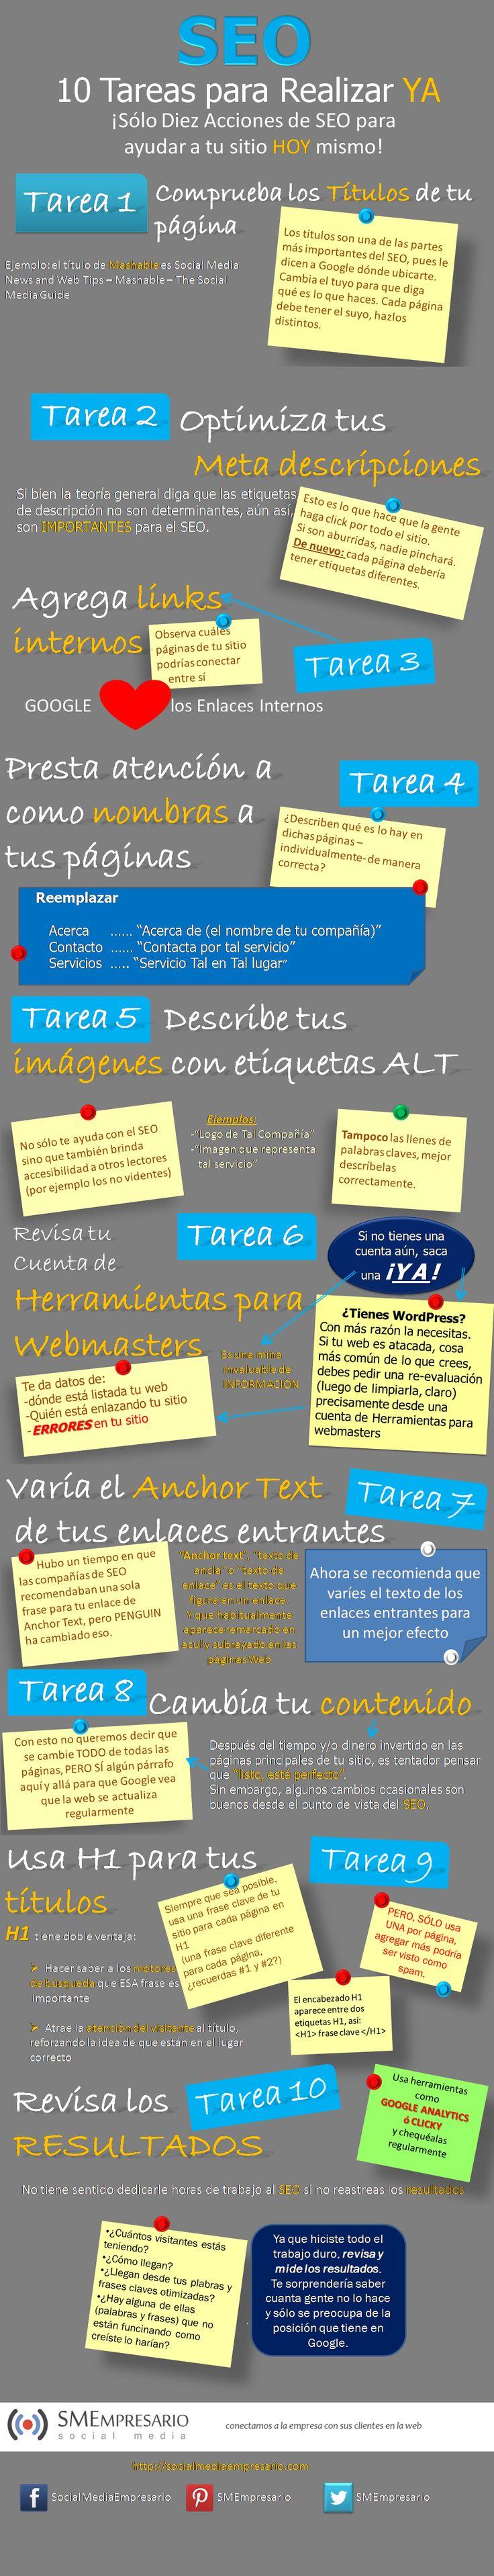 10 Acciones de #SEO que deberías estar haciendo YA MISMO! #Infografia en #espanol